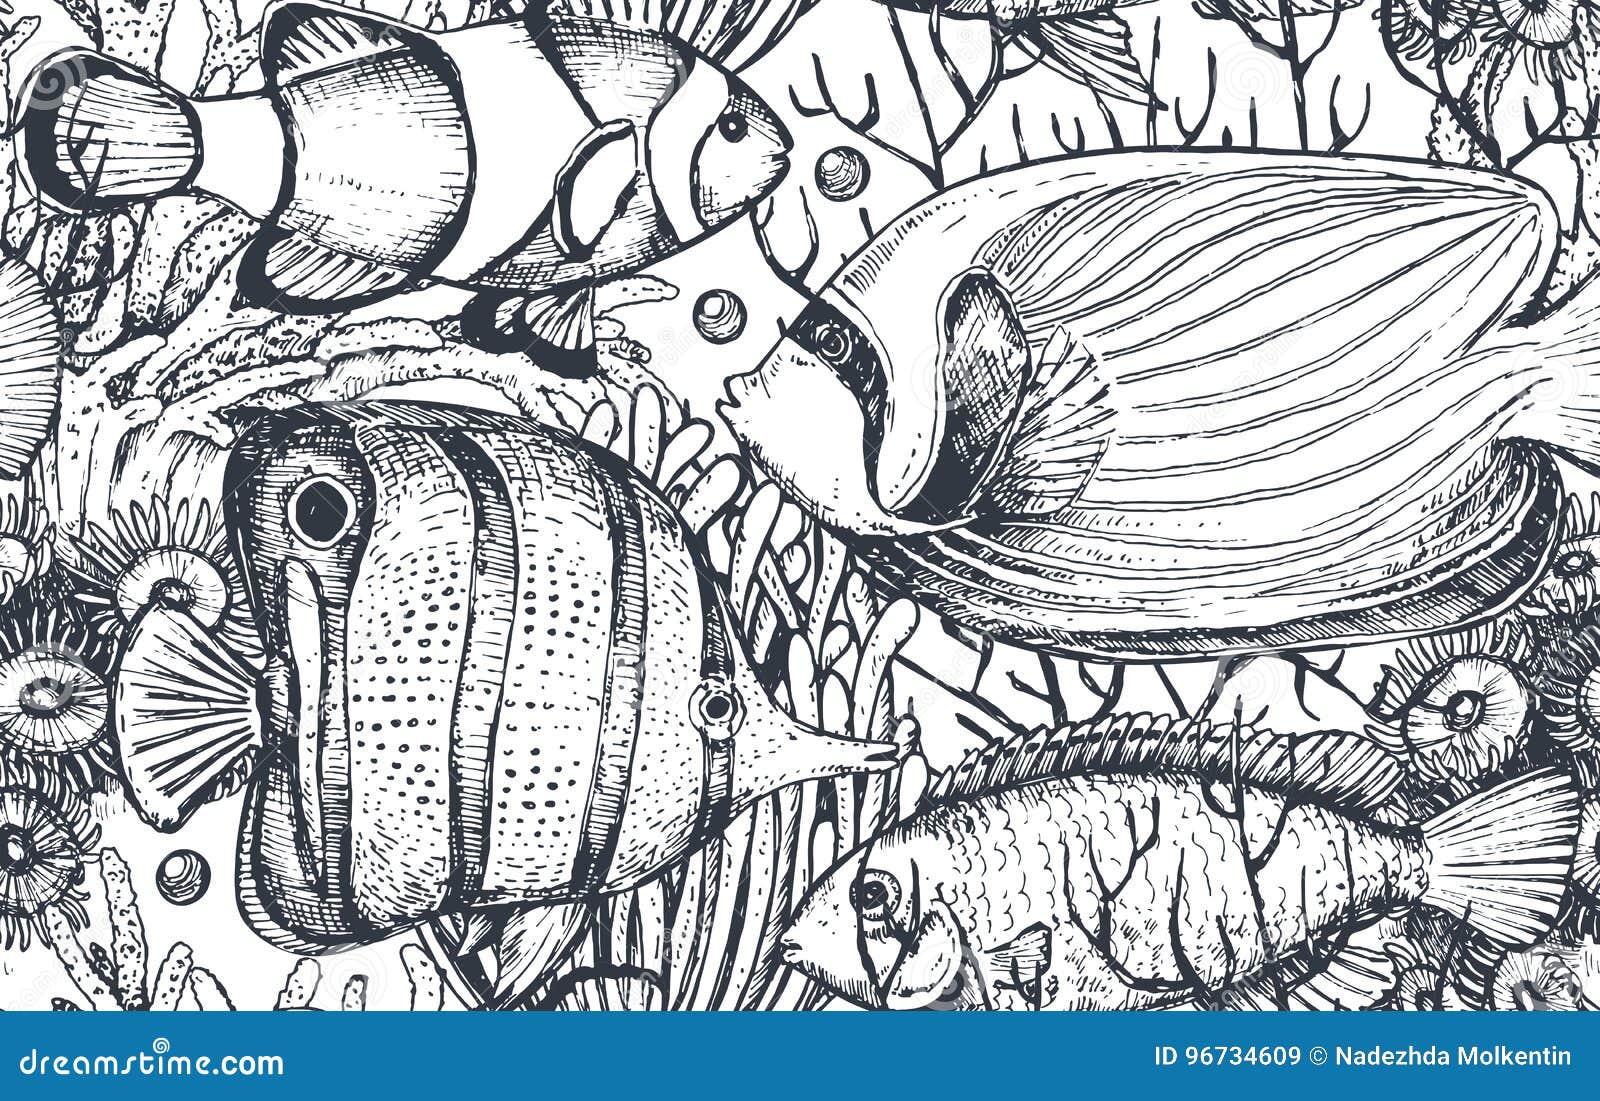 Monokrom sömlös havsmodell för vektor med tropiska fiskar, alger, koraller